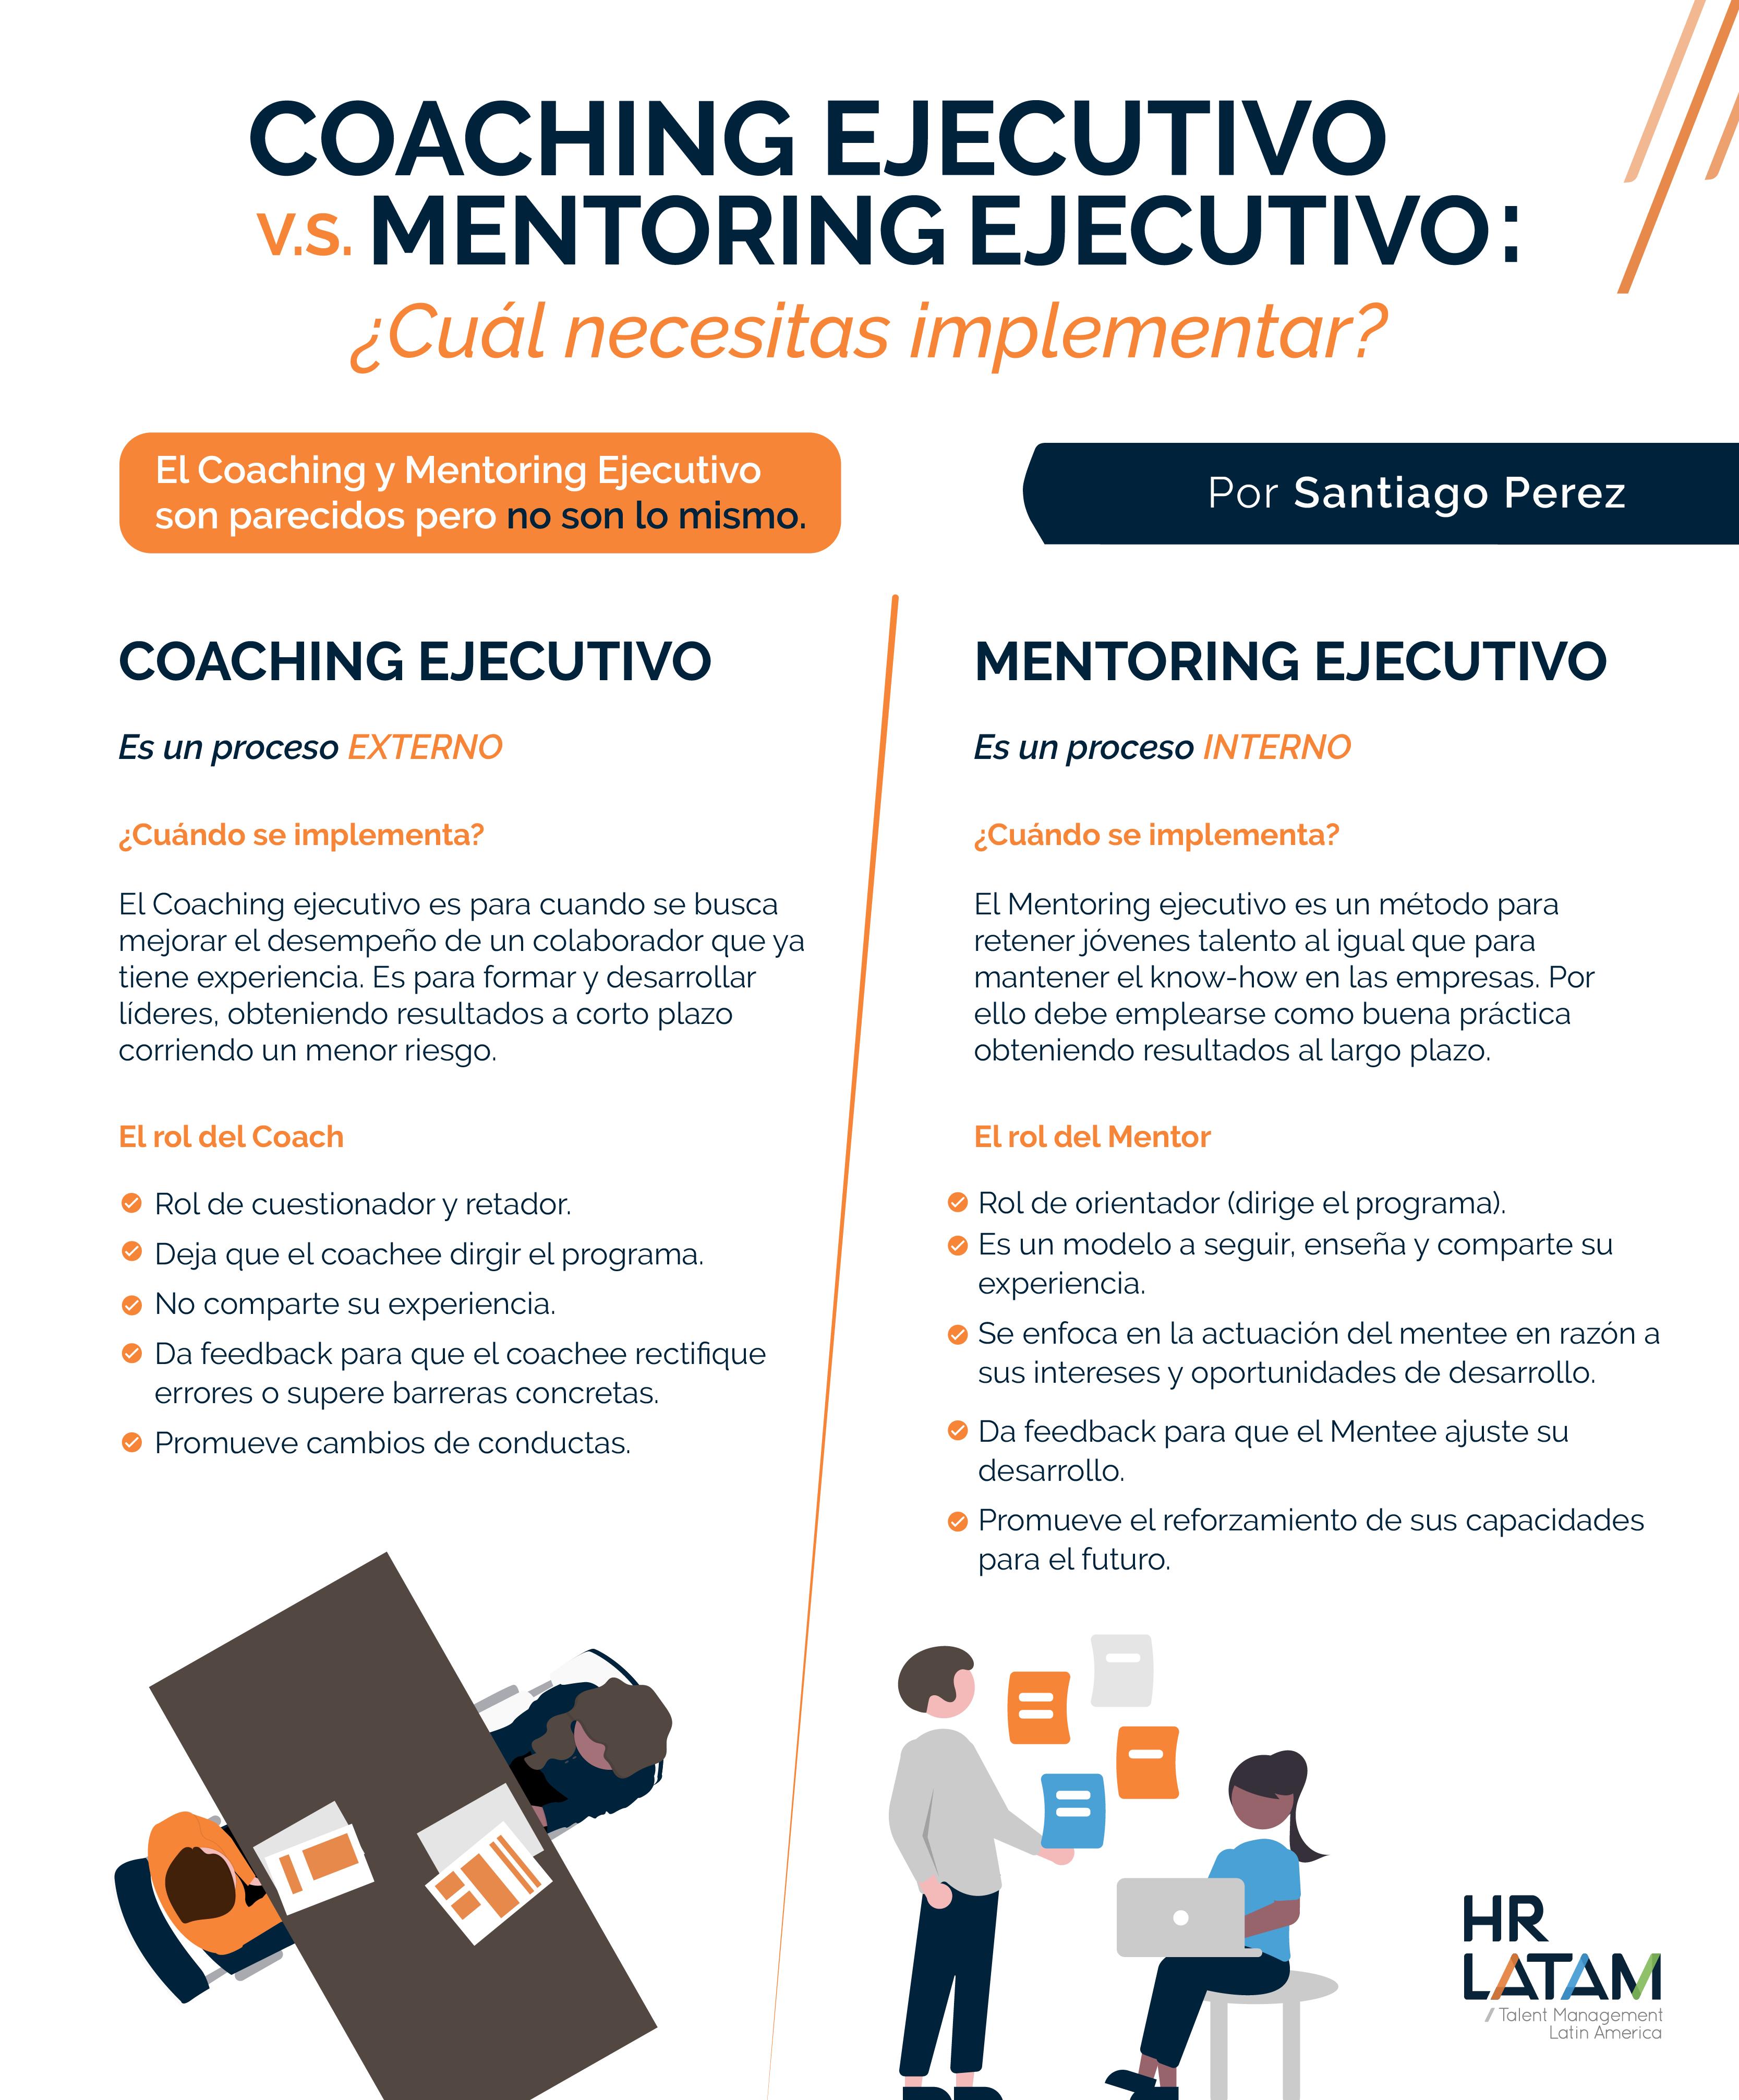 Coaching ejecutivo vs mentoring ejecutivo